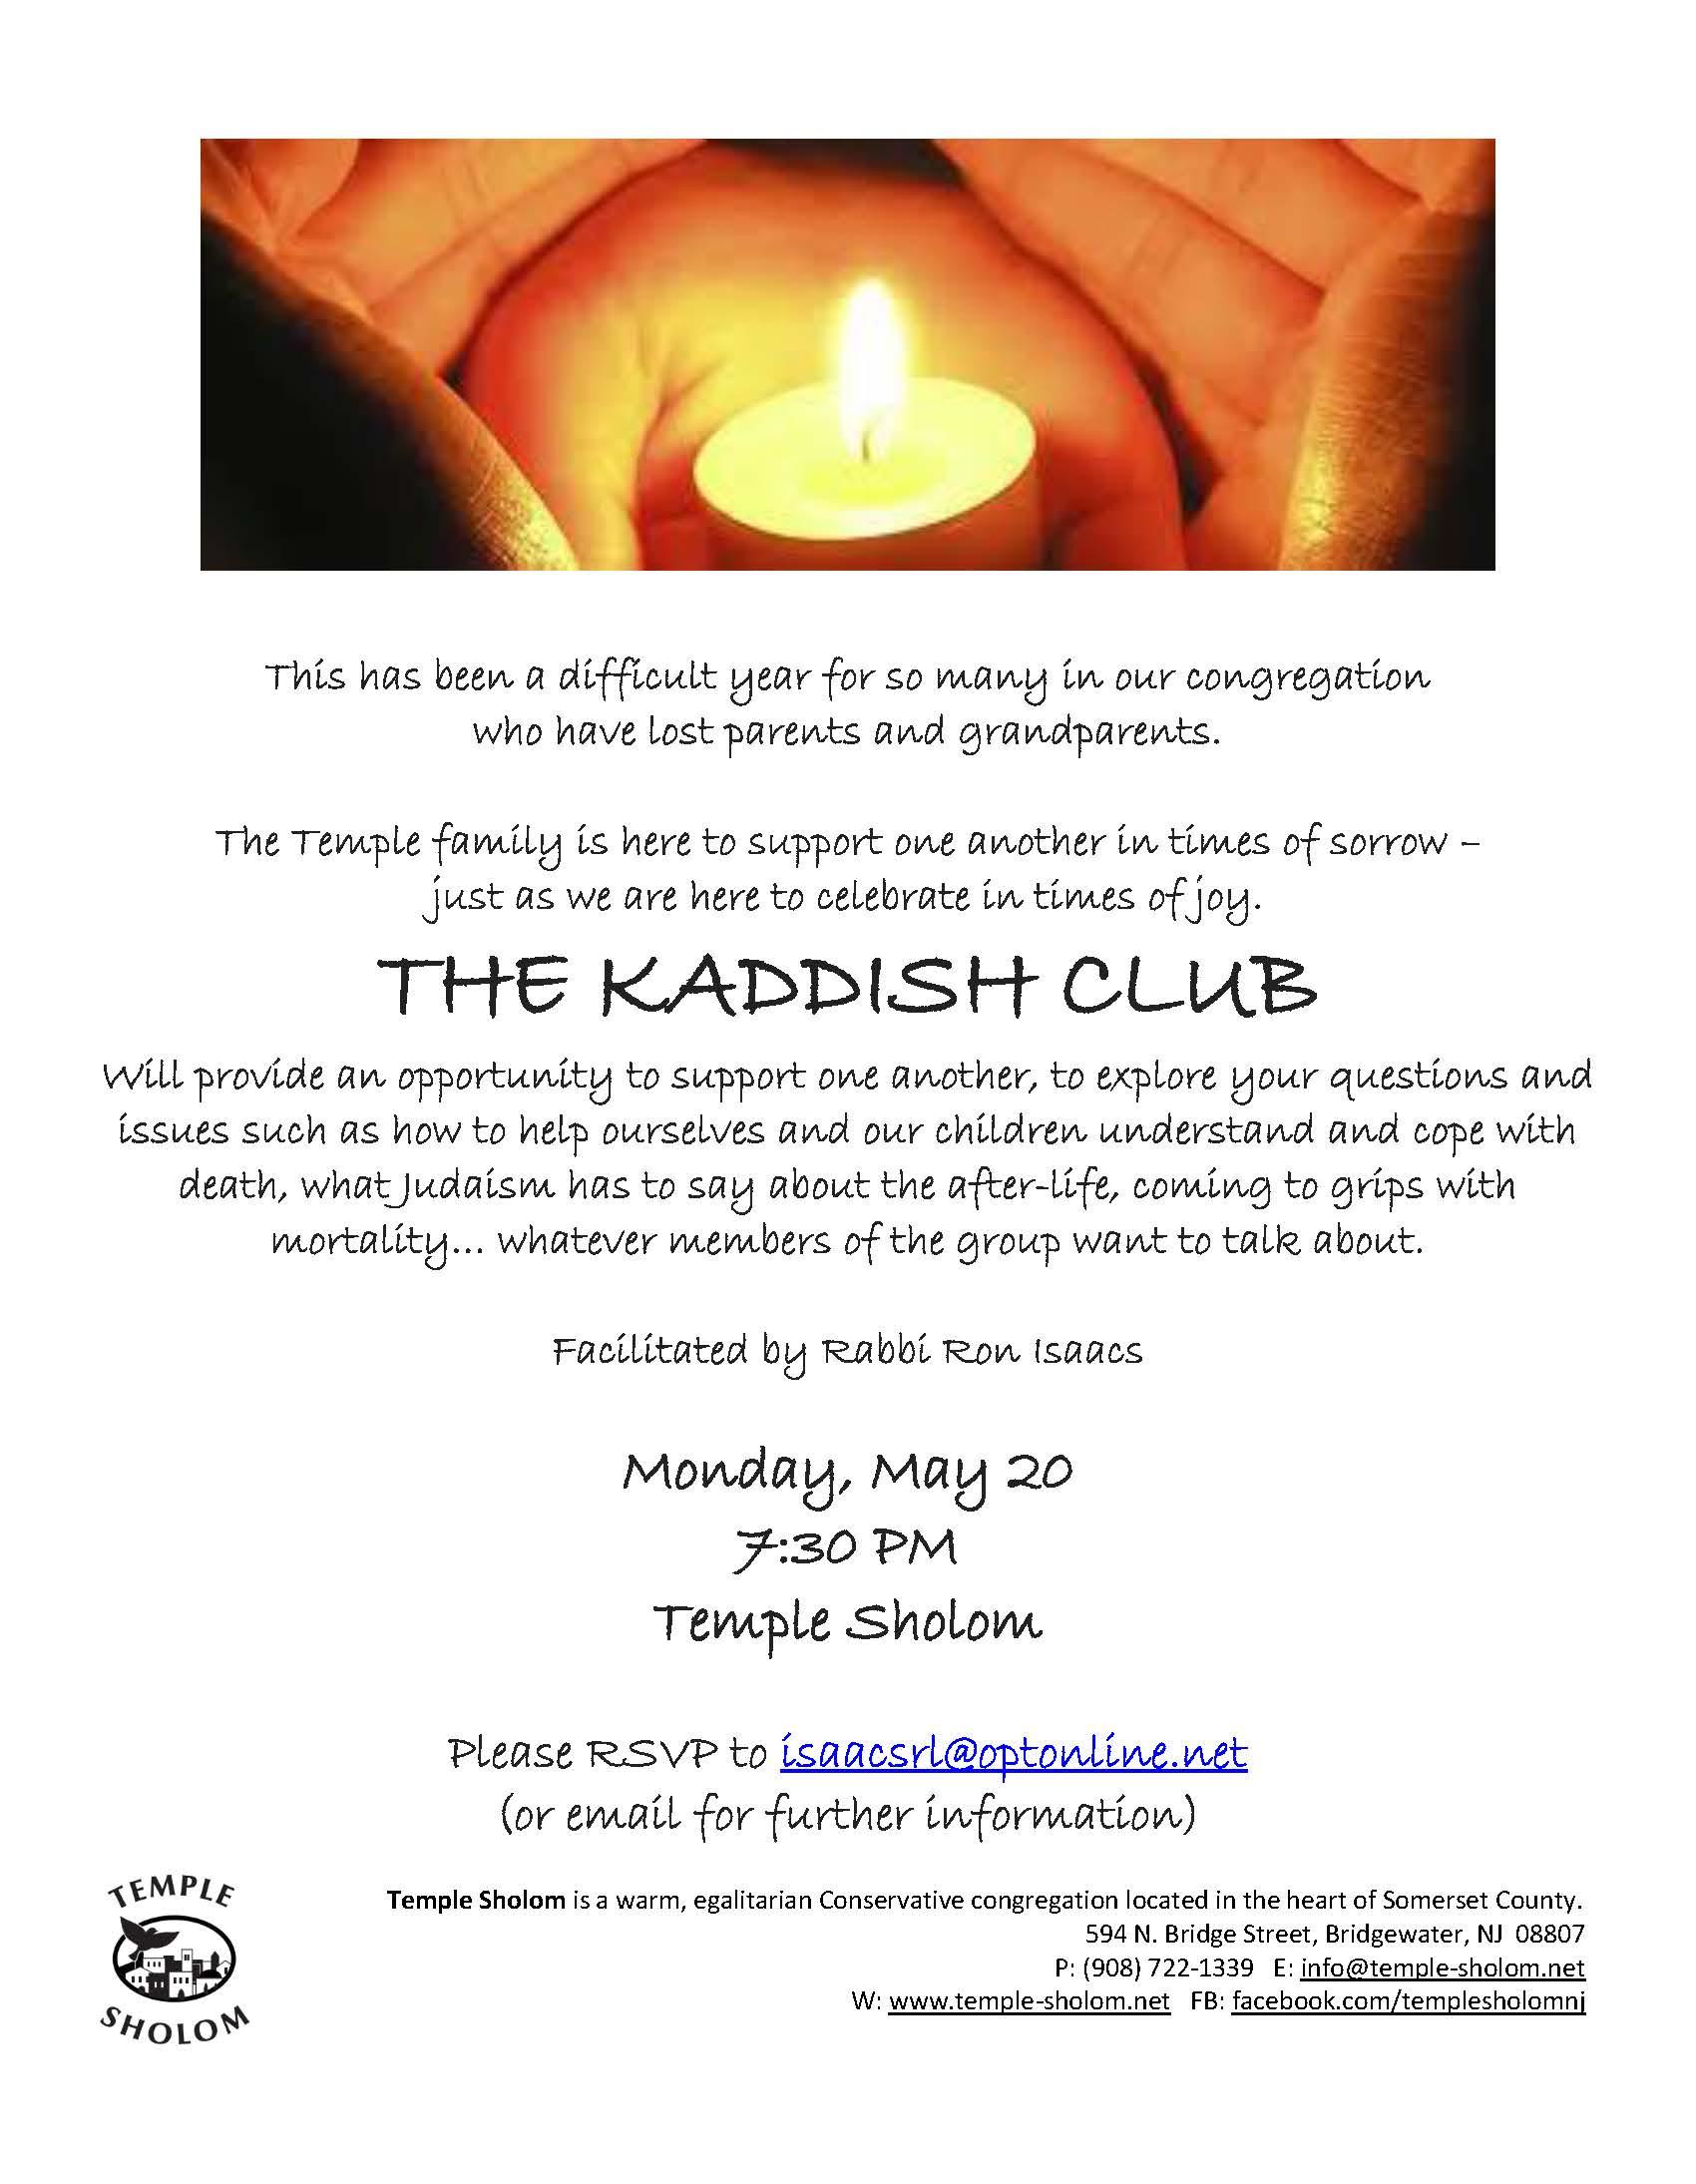 kaddish club 05202019.jpg